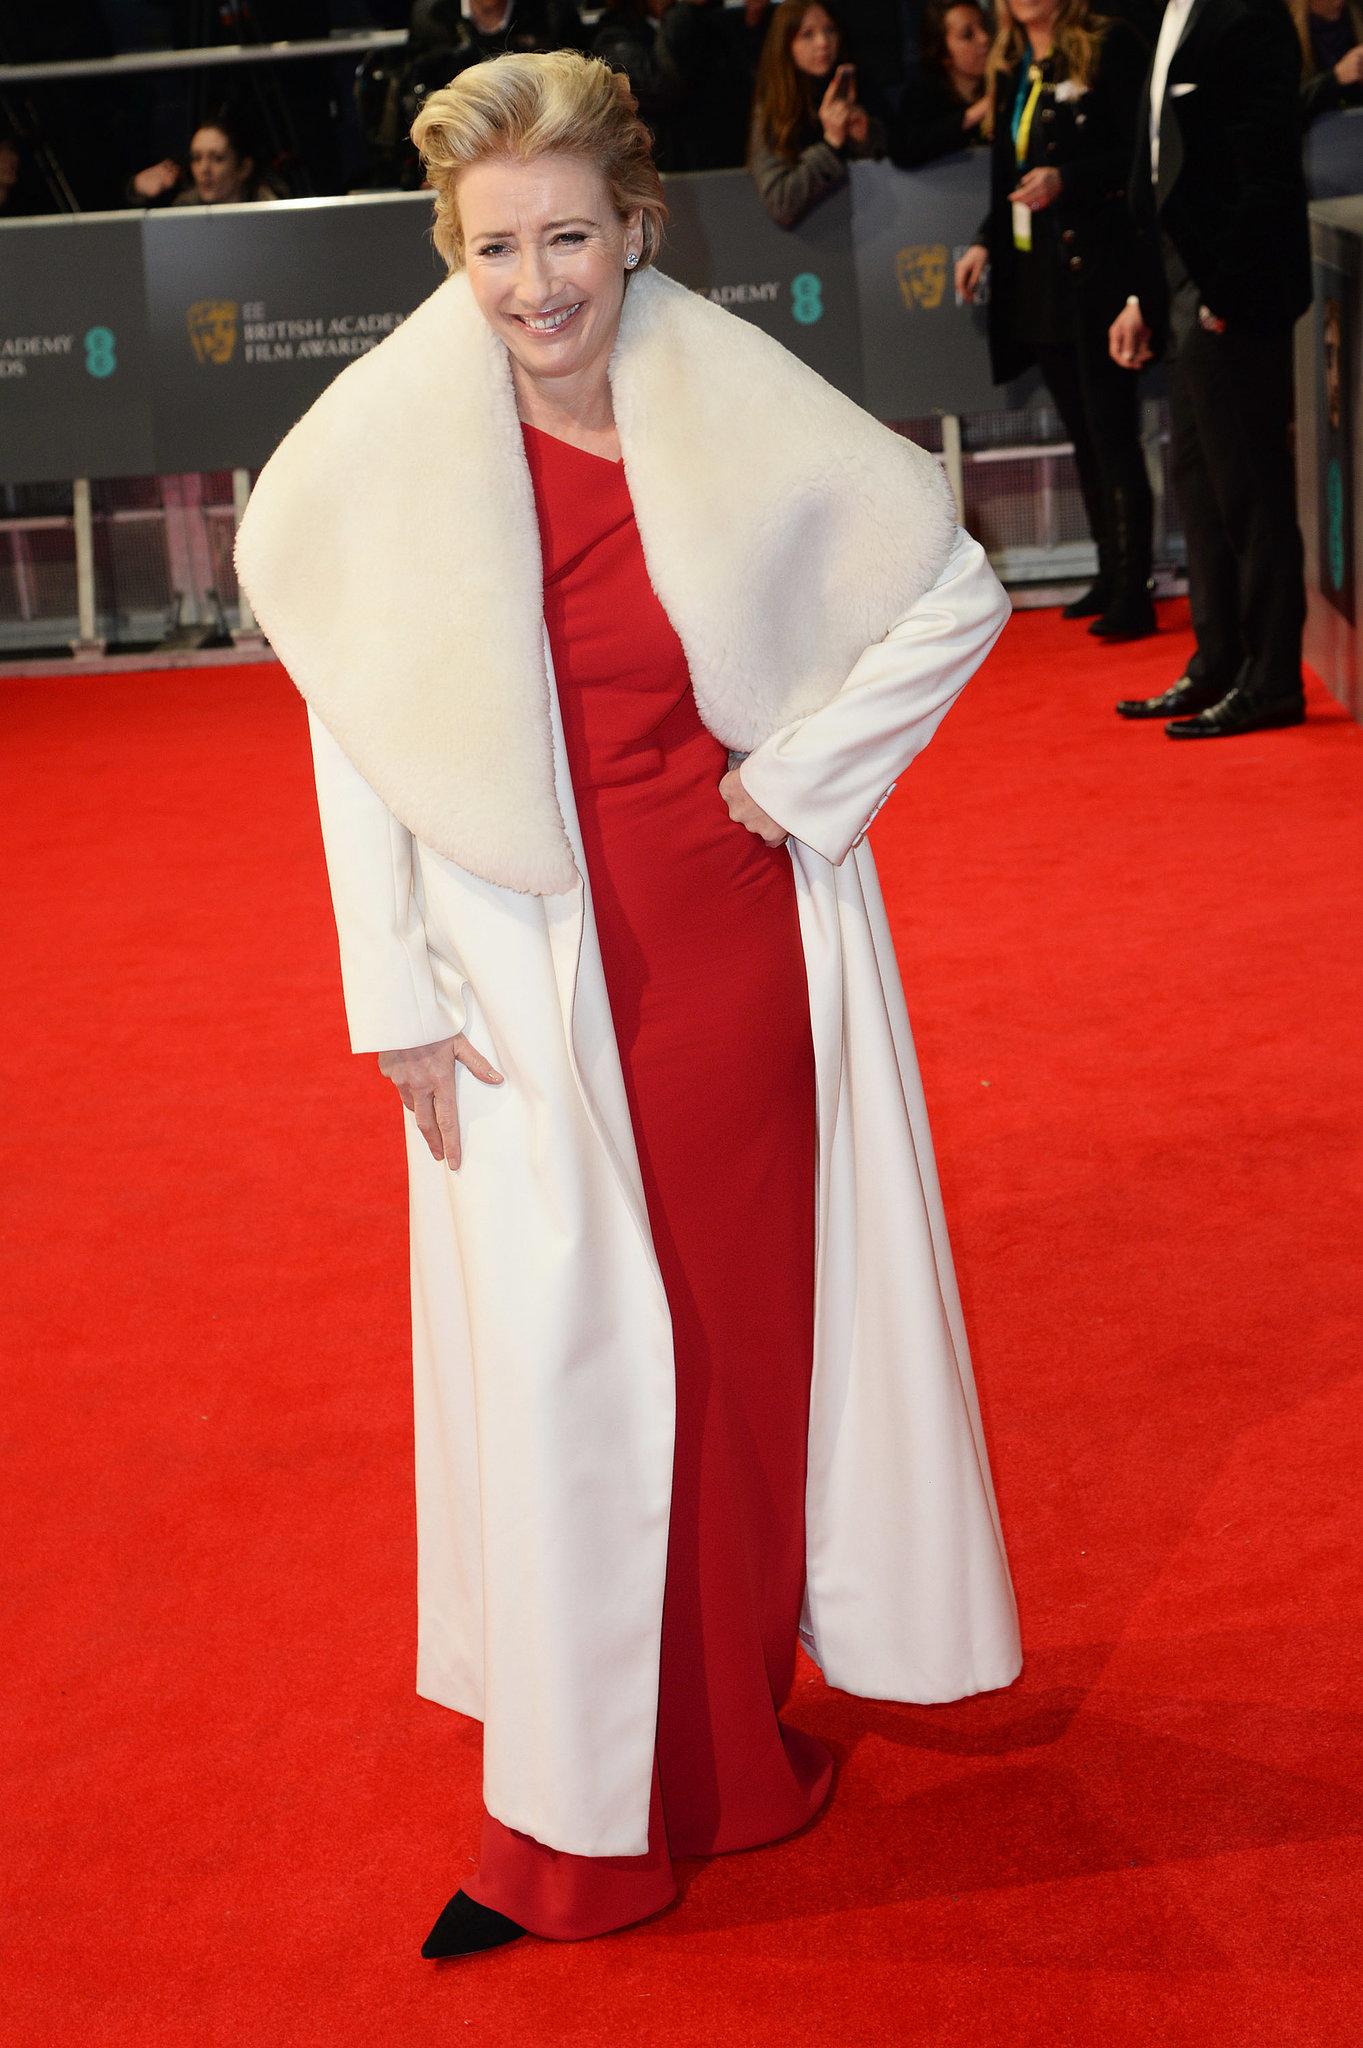 Emma Thompson at the 2014 BAFTA Awards.